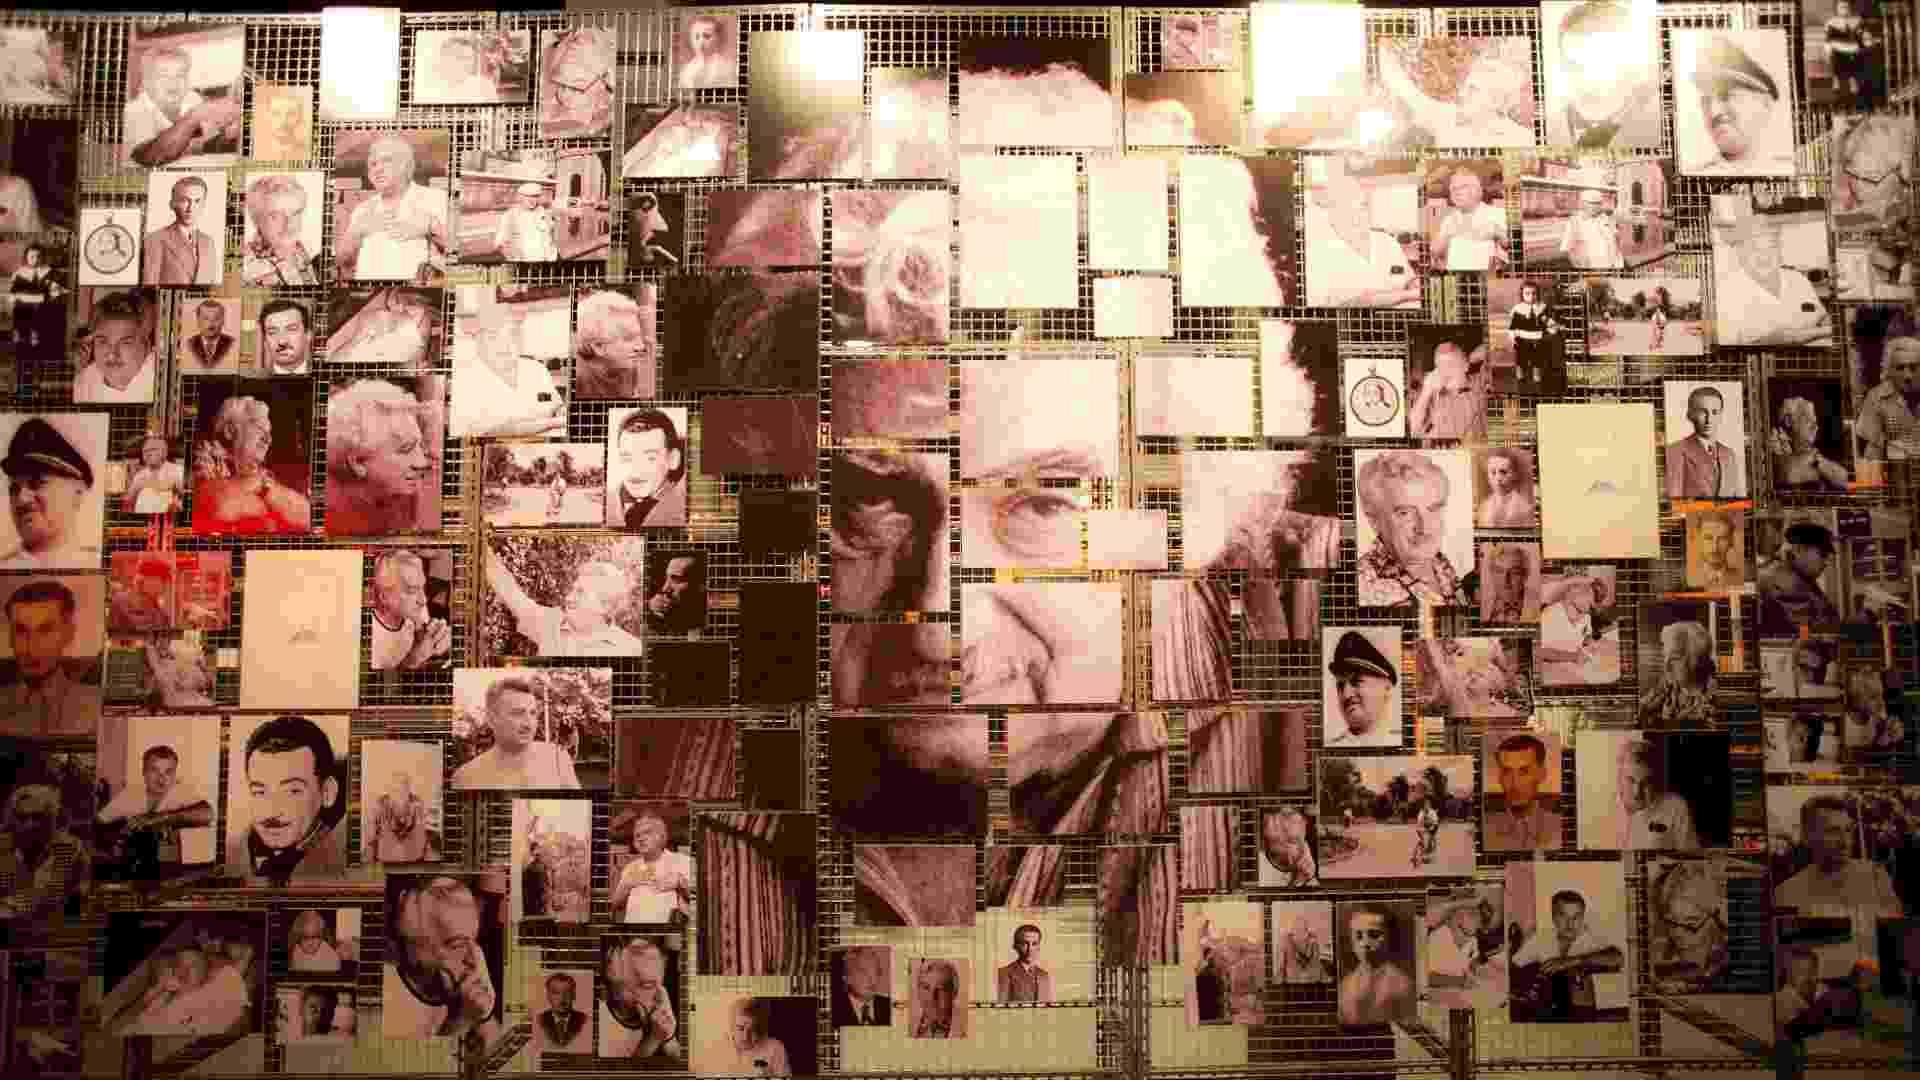 """Mosaico com fotos da carreira do escritor brasileiro Jorge Amado são parte da exposição """"Jorge Amado e Universal"""", que fica em cartaz em São Paulo até 22 de julho - Lucas Lima/UOL"""